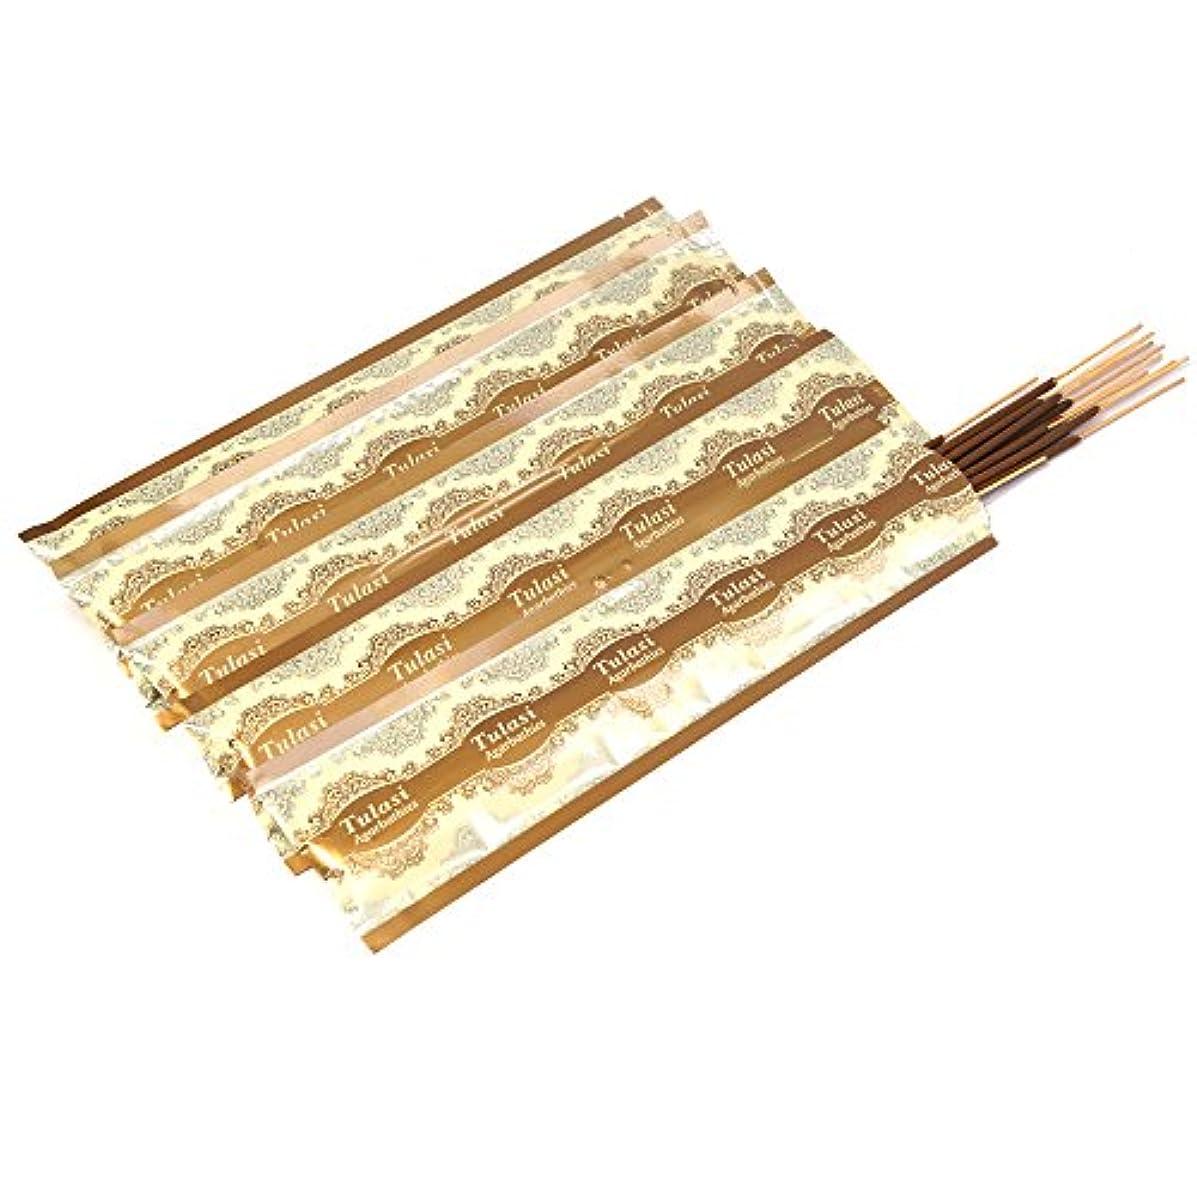 くるくるに同意する閲覧するFree Nag Champa variety Gift Pack in Herbal TreatジャンボAgarbatti | Incense Sticks Set of 15 Fragrances by Ikshvaku